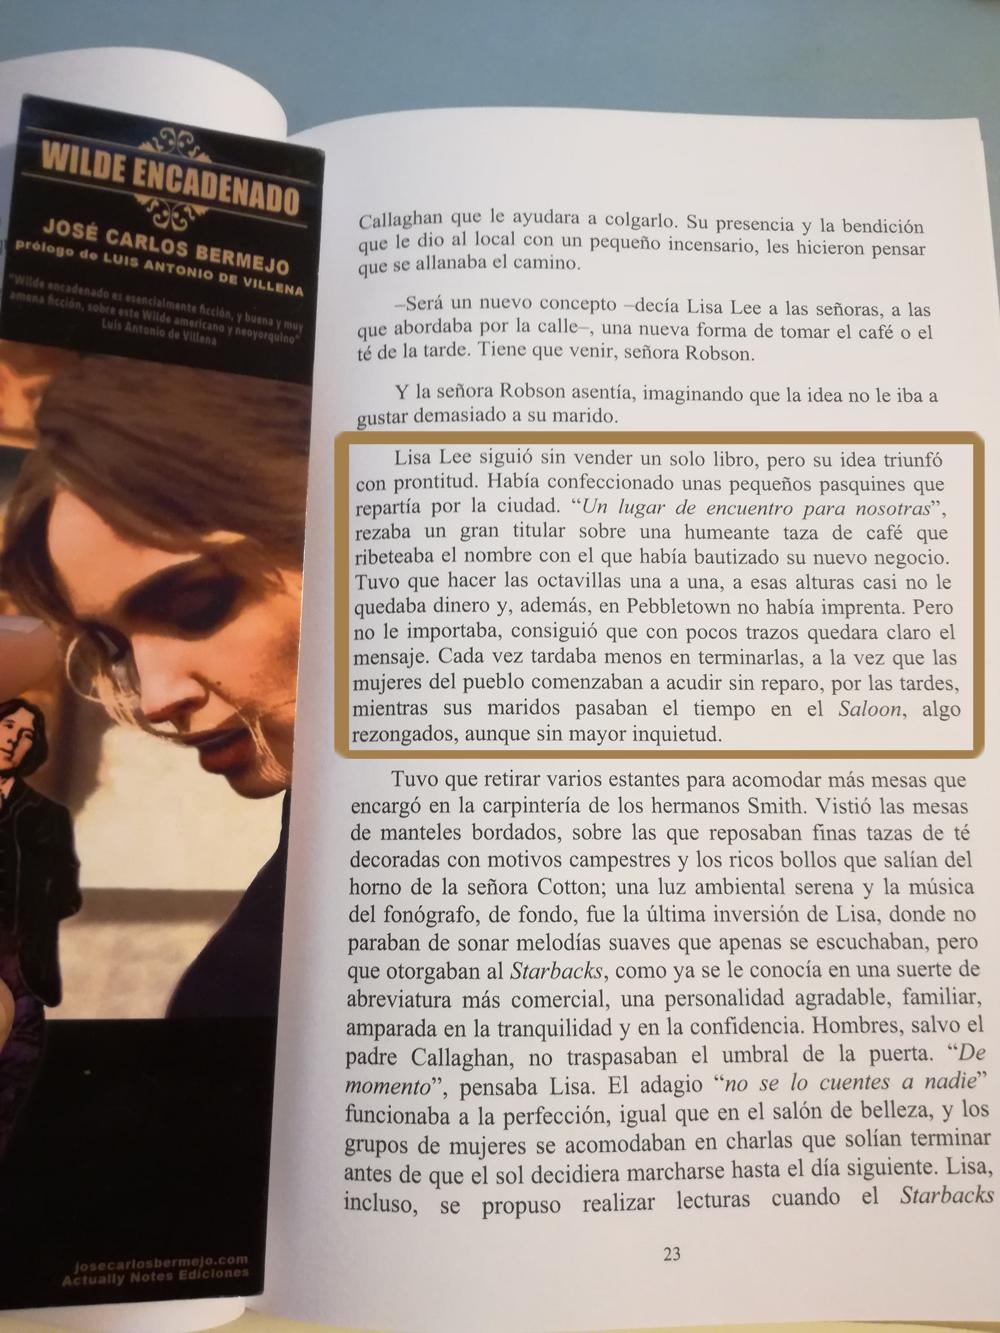 Wilde Encadenado y Feminismo, una de las temáticas de la novela de Jose Carlos Bermejo- Primera parte. Capítulo 5.